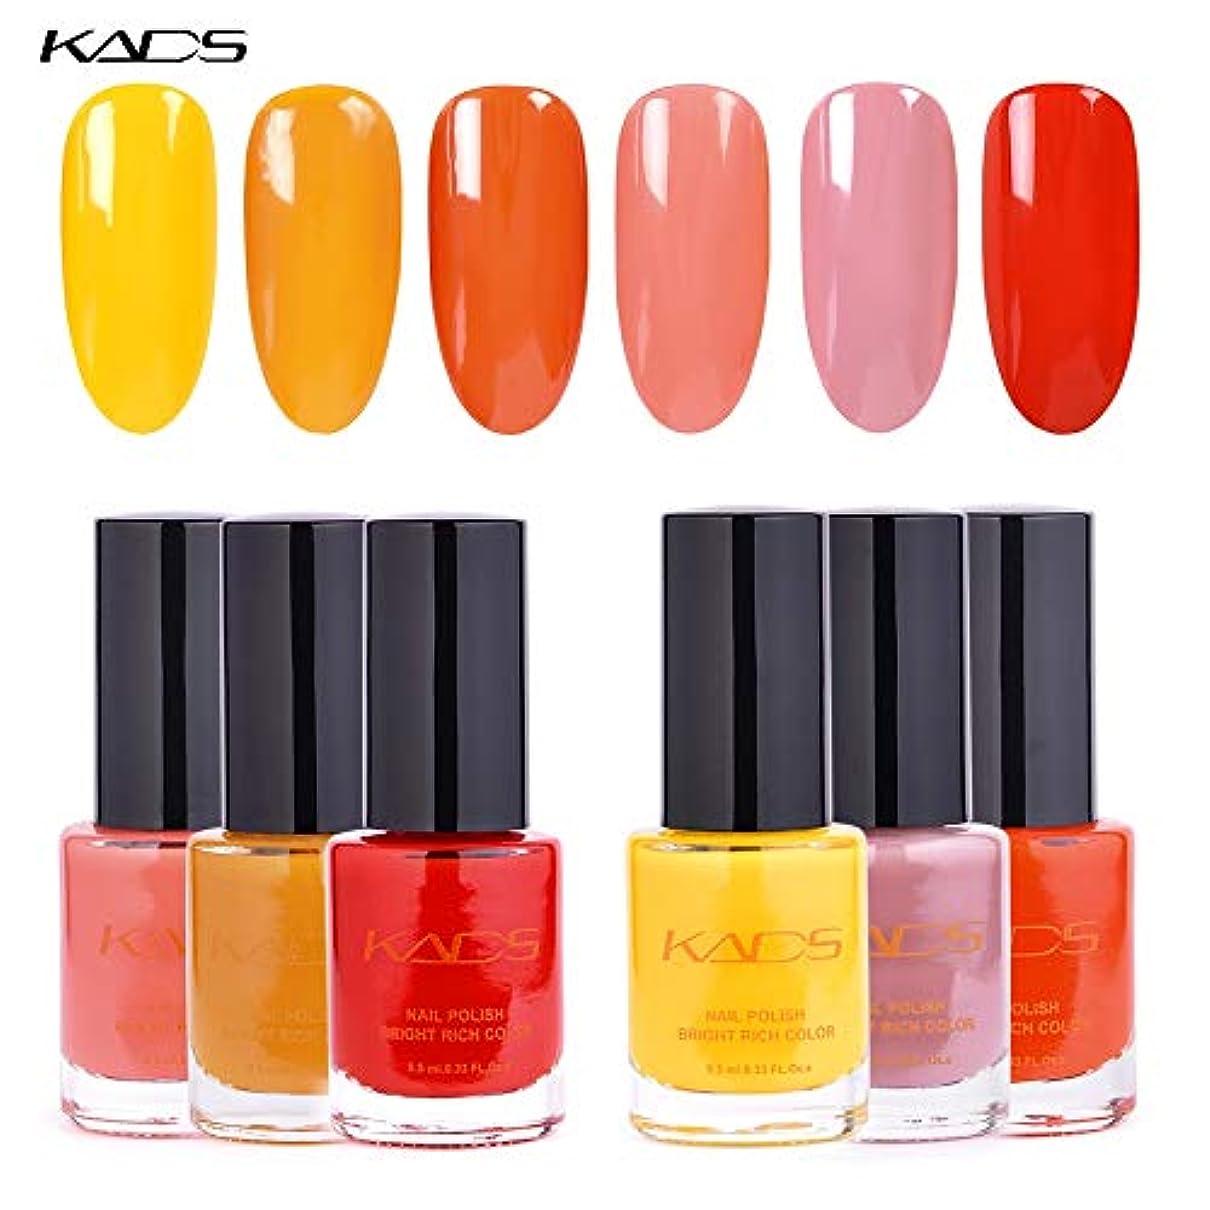 長椅子メモ収束KADS ネイルポリッシュ ゼリーシリーズ ピンク/オレンジ/イエロー 6色入り 9.5ML 艶長持ち マニキュアセット